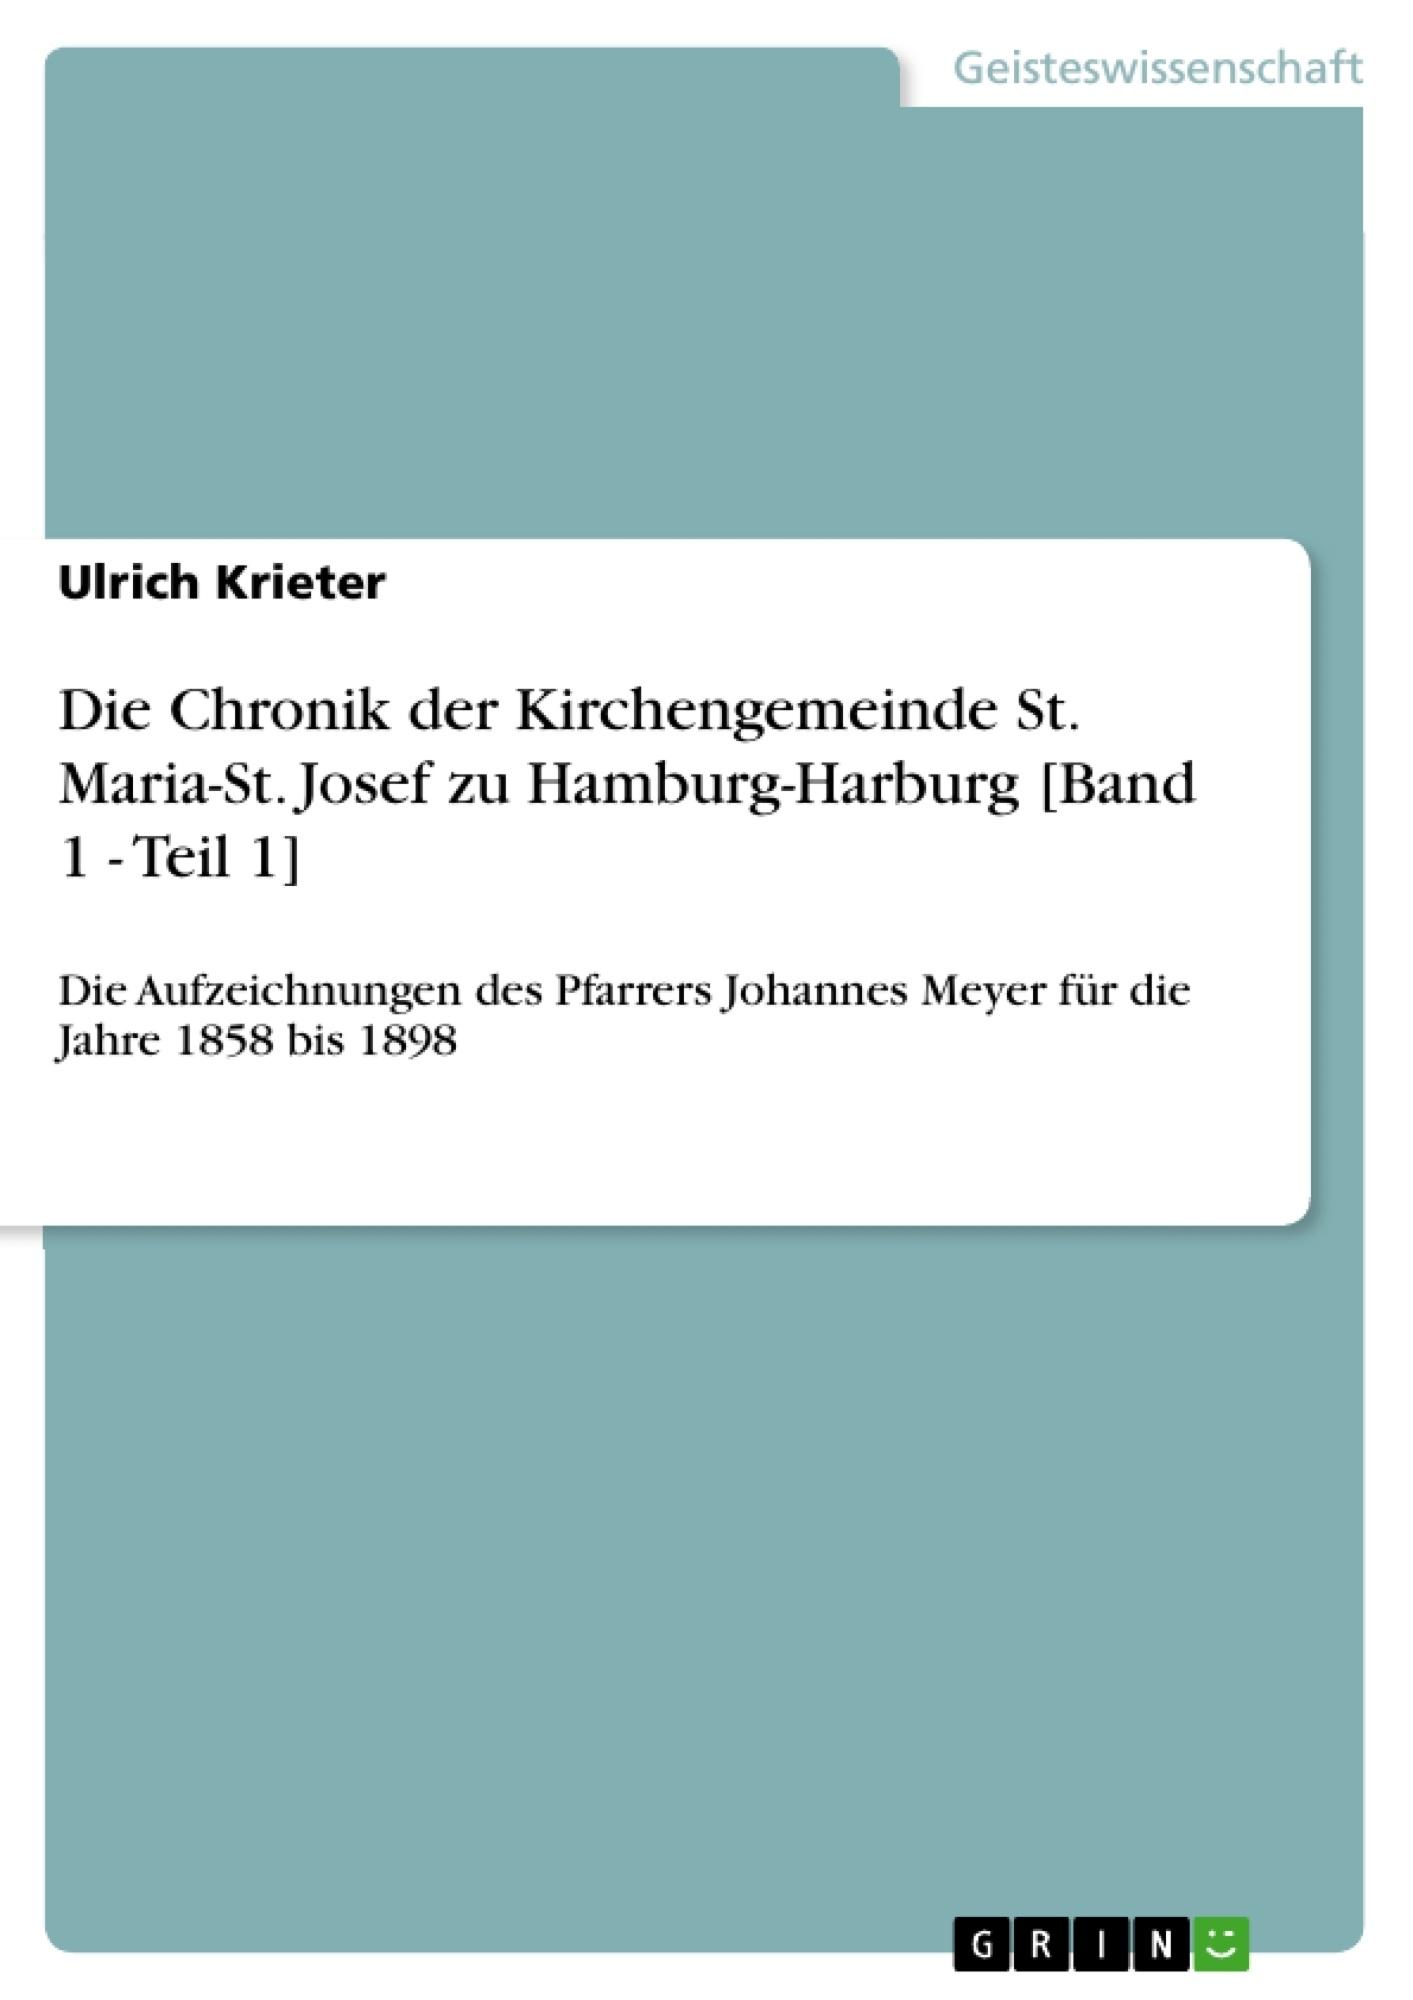 Titel: Die Chronik der Kirchengemeinde St. Maria-St. Josef zu Hamburg-Harburg [Band 1 - Teil 1]